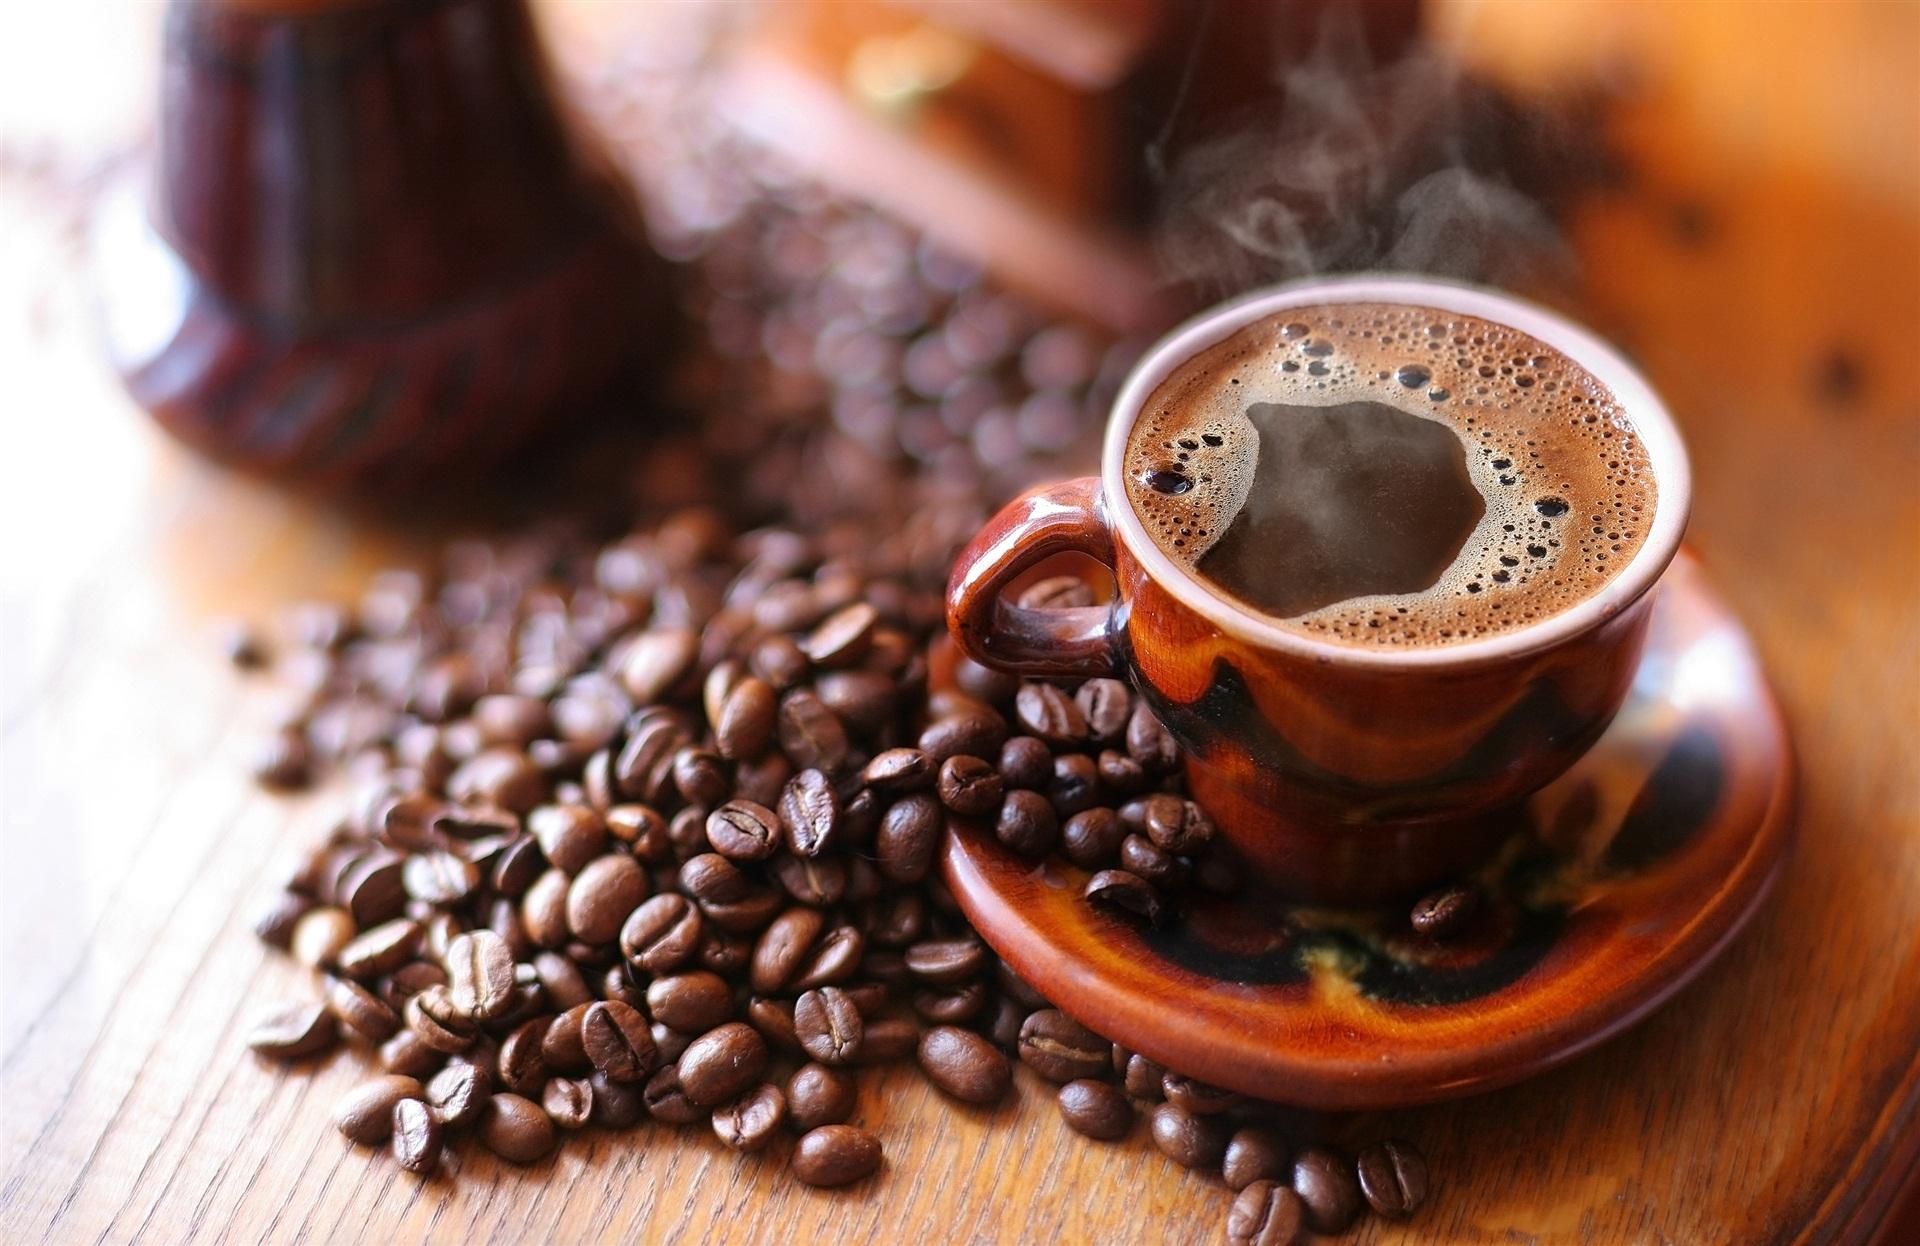 Cafeína y rendimiento deportivo Cafeína y rendimiento deportivo - Oxigeno | Actividades Físicas y Spa